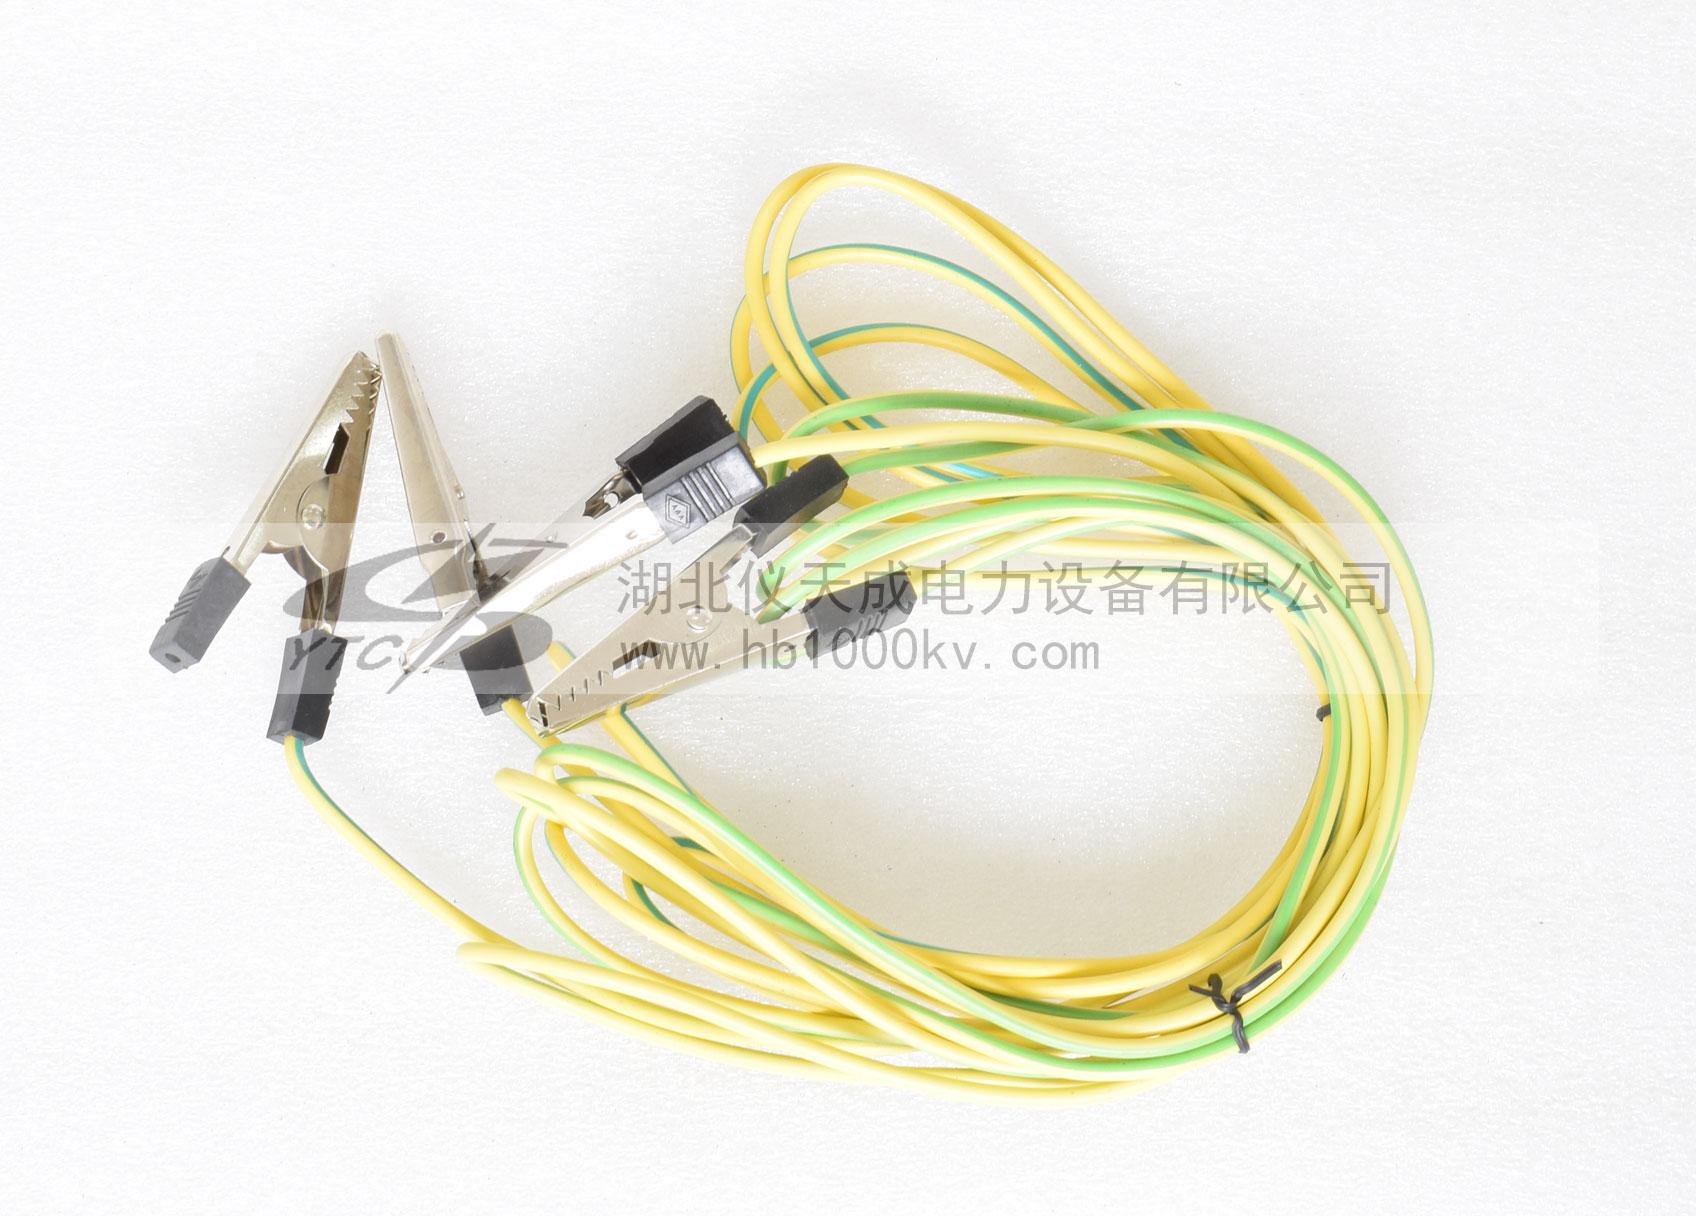 YTC607电缆刺扎器连接线2